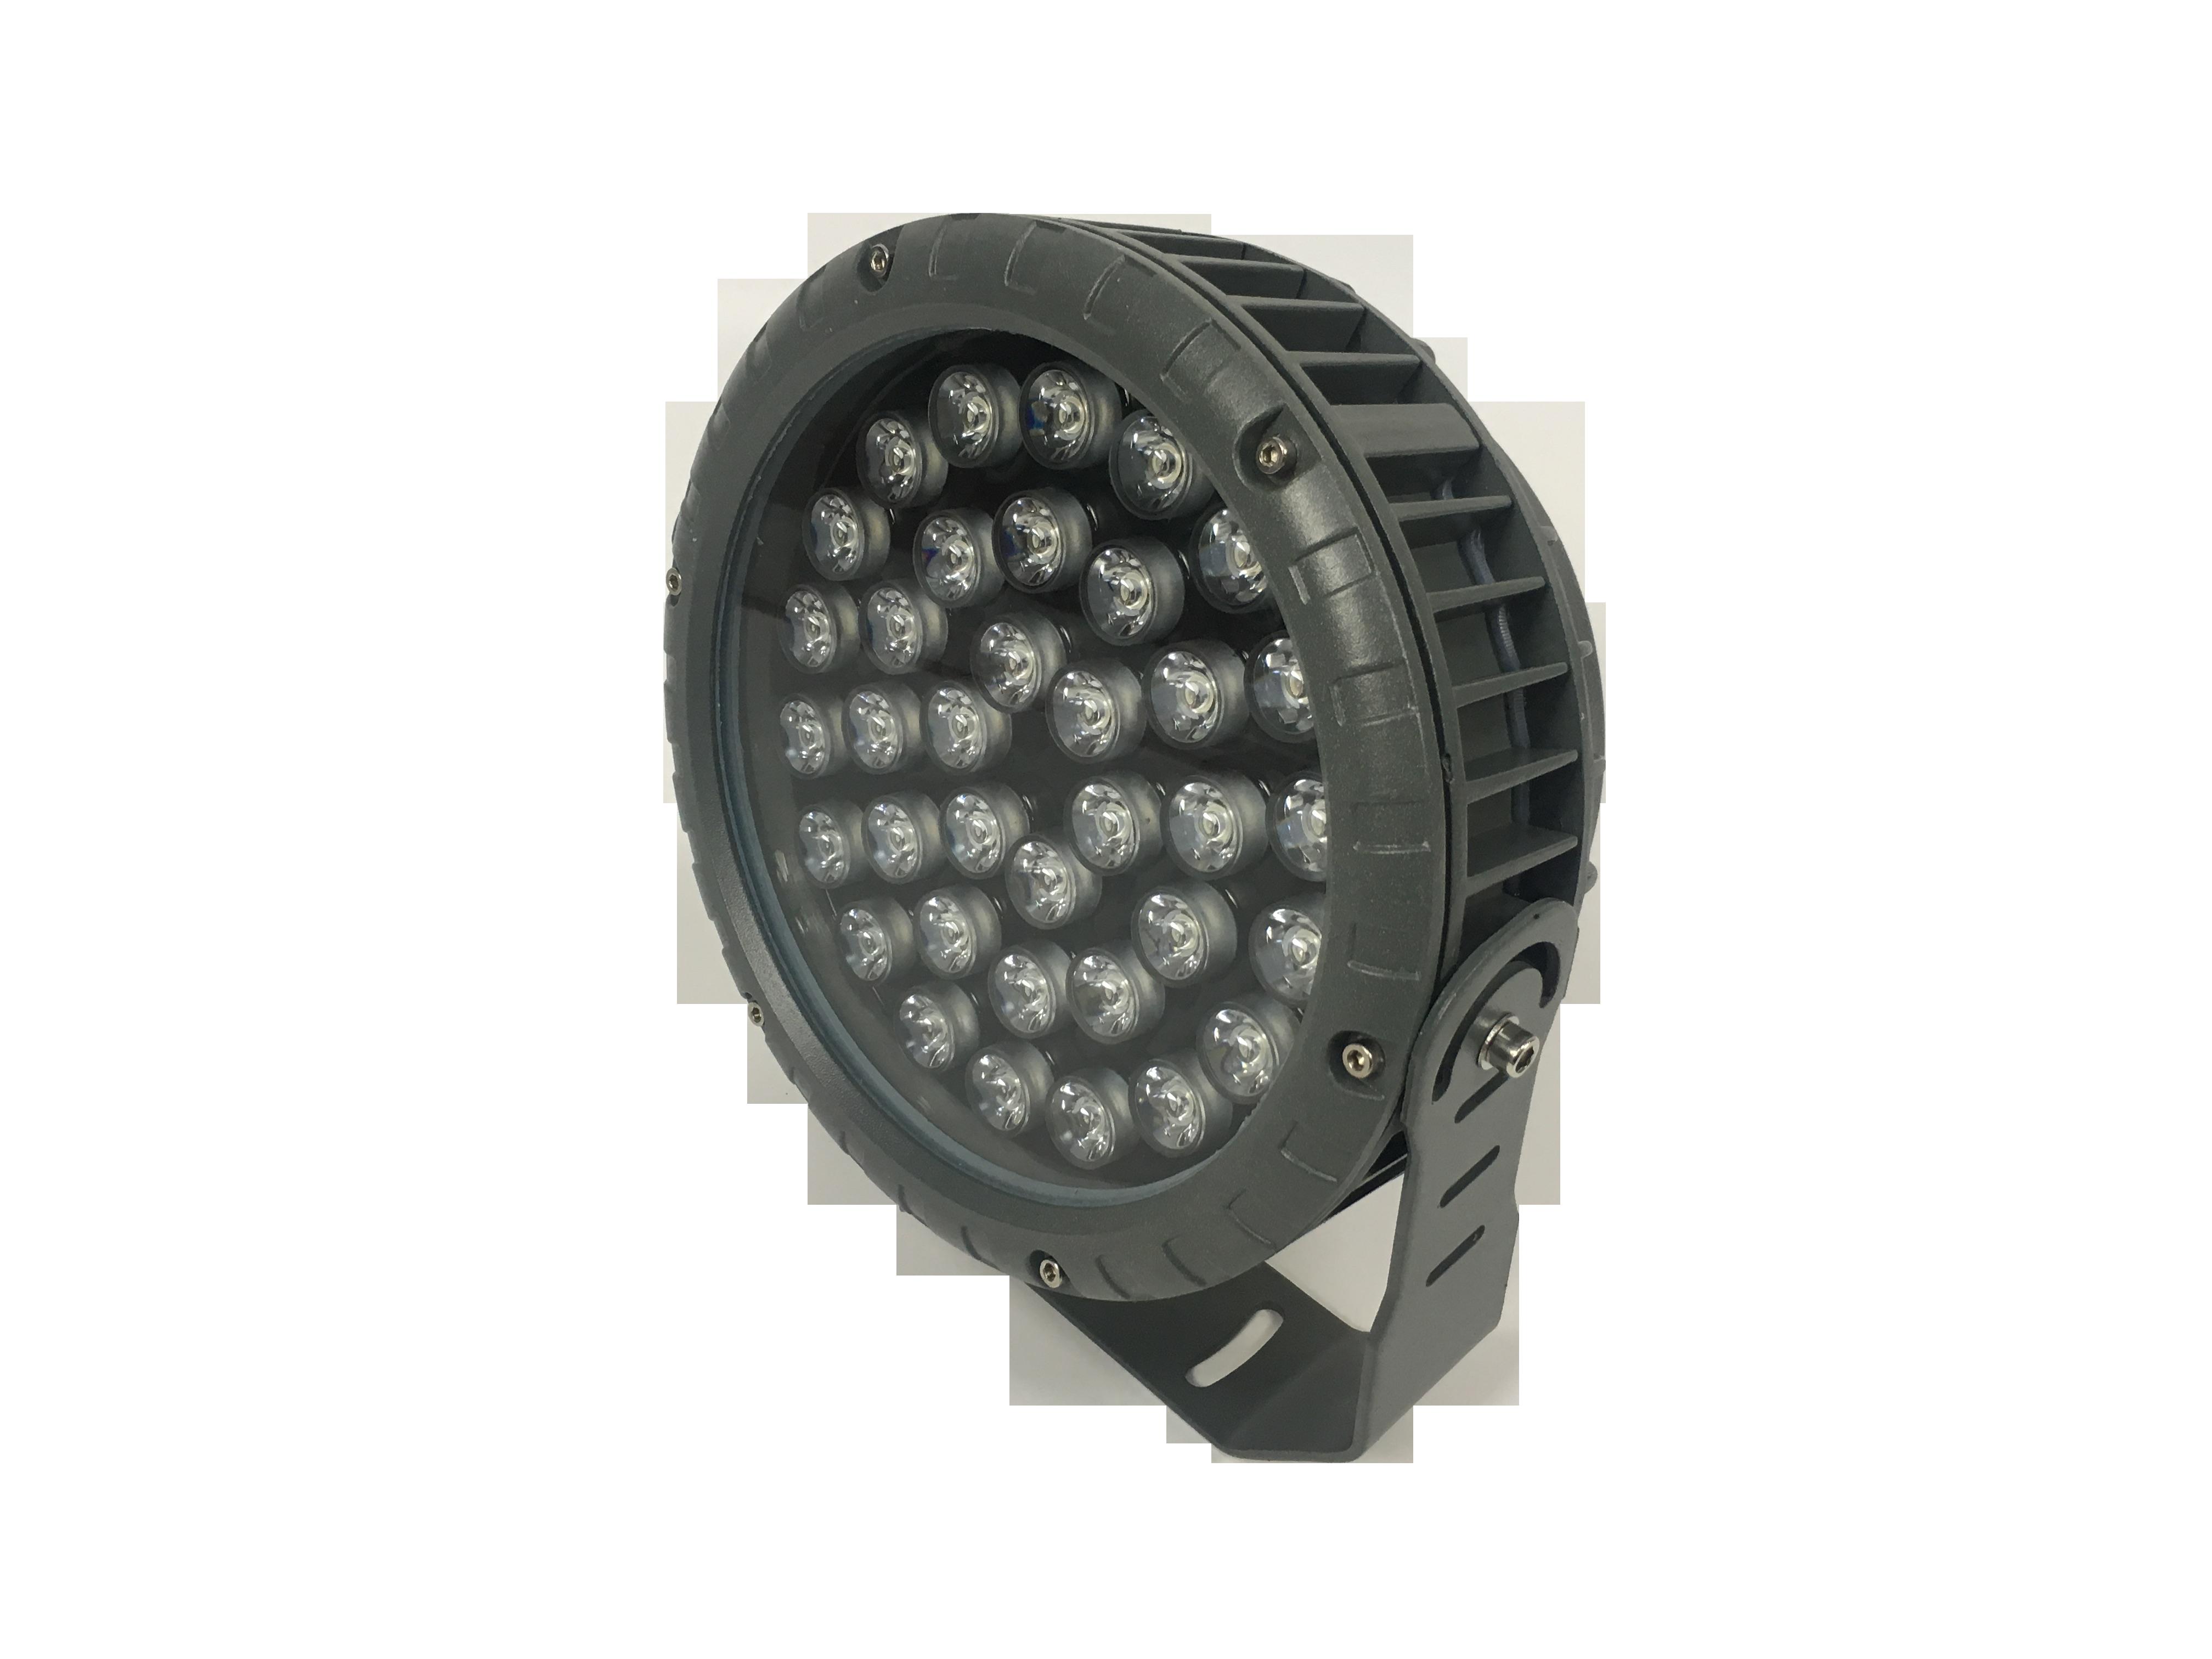 投光灯180-18W 新款LED投光灯光效强  功率18W投光灯